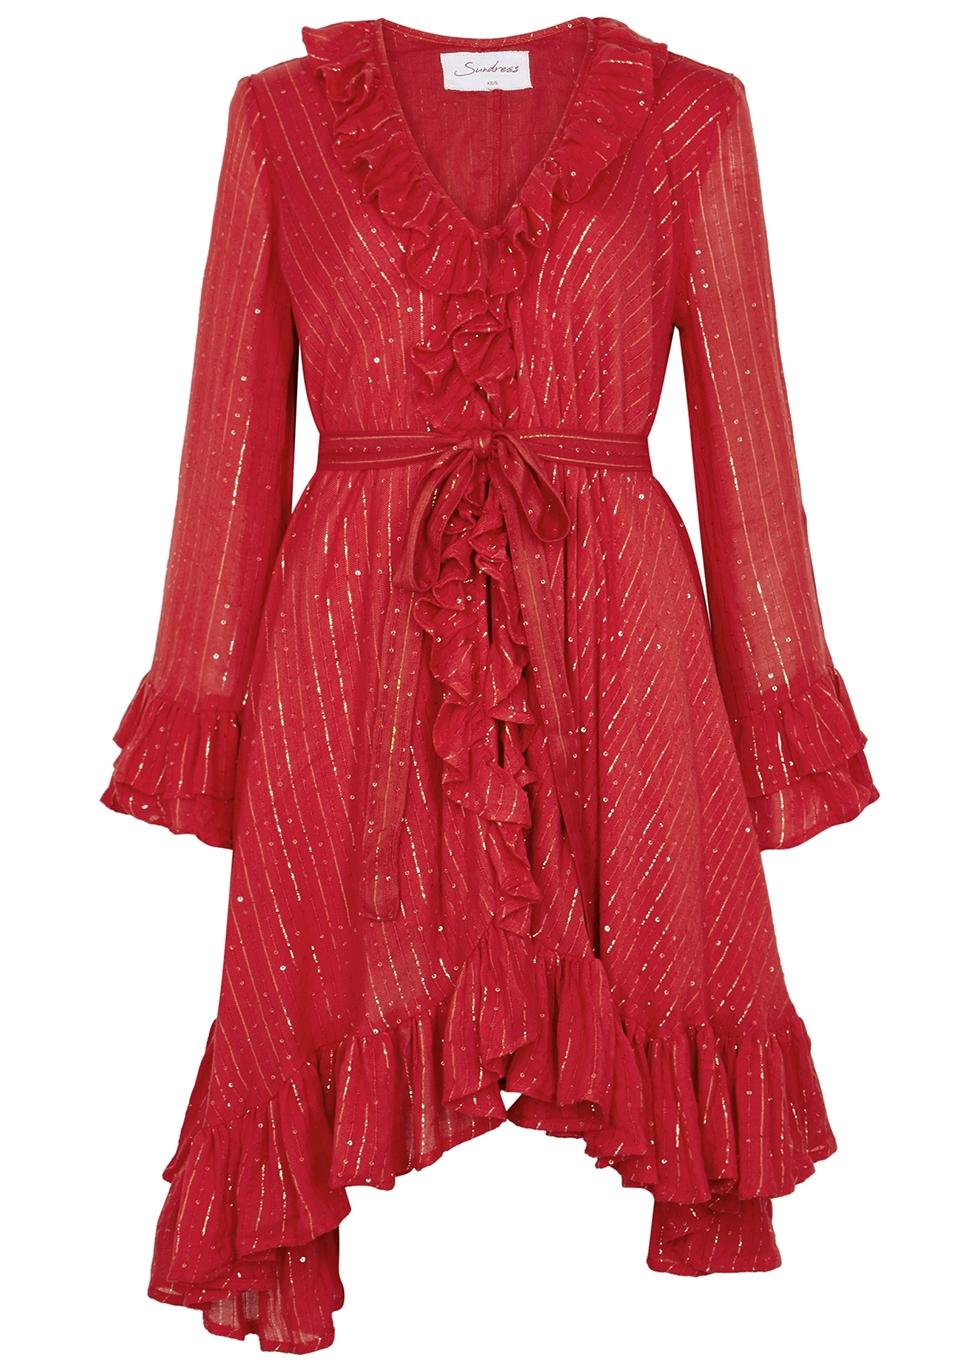 2780c700848a Sundress Jasper red sequin-embellished dress - Harvey Nichols